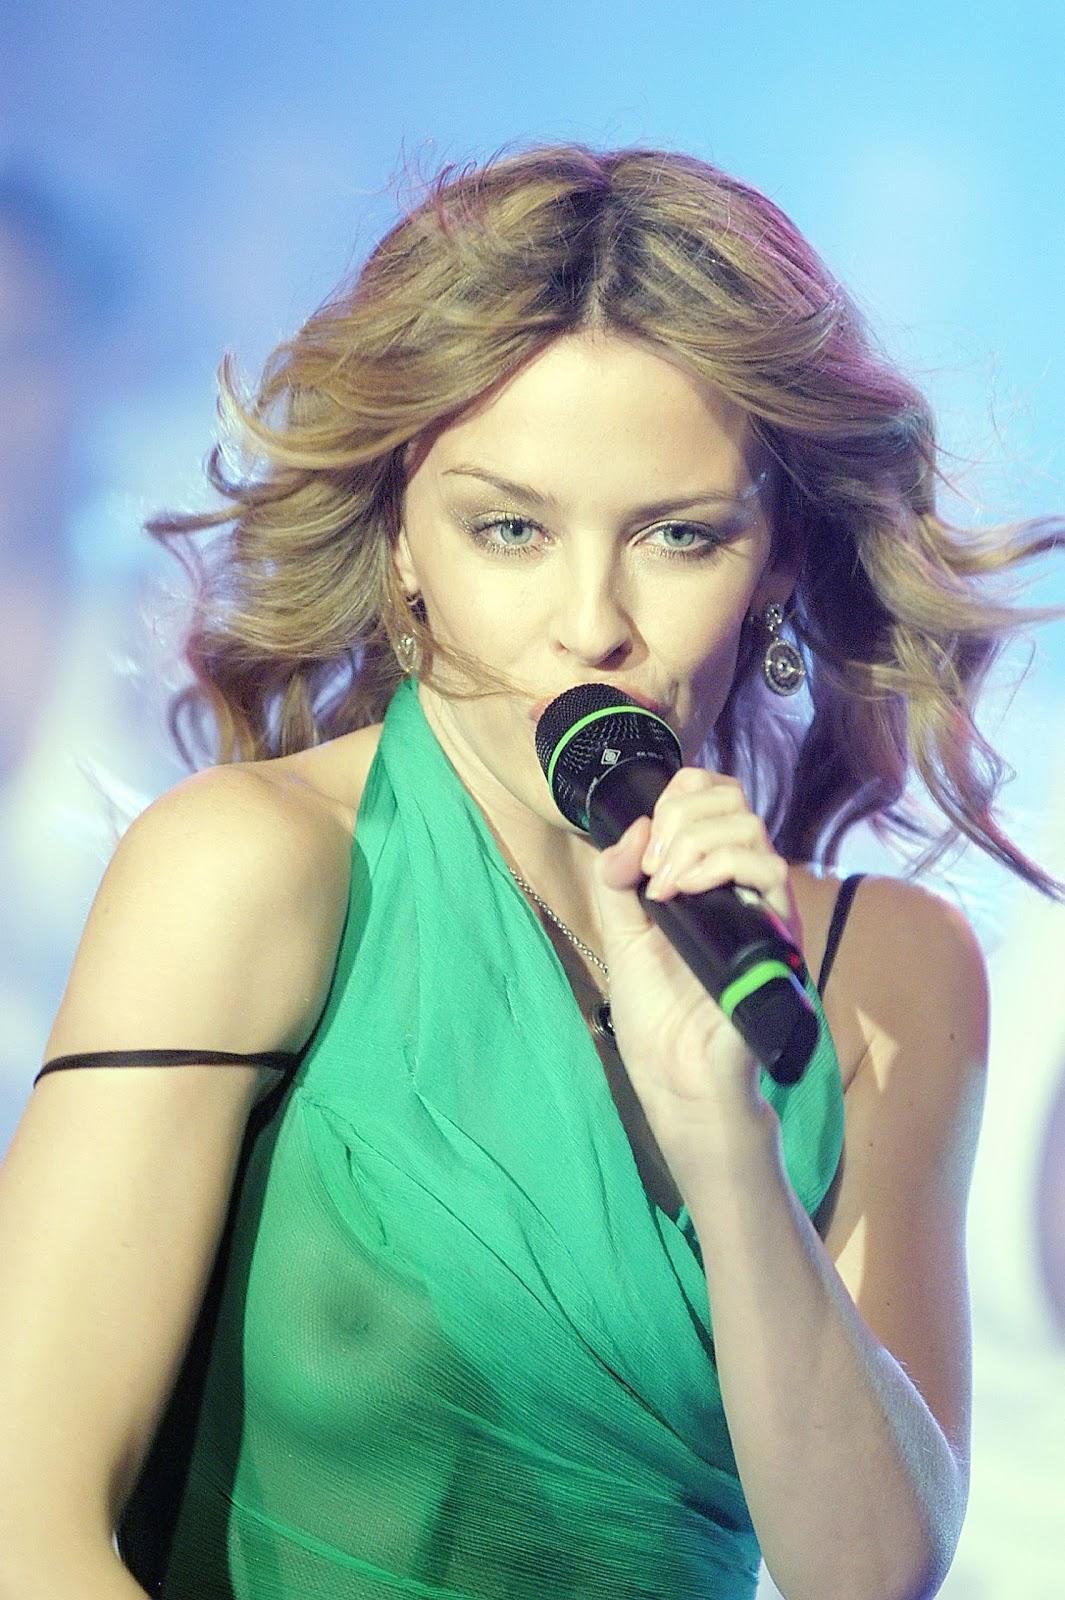 http://3.bp.blogspot.com/-sH86o8NALk0/TVXiPBpZLtI/AAAAAAAAALw/oUP8I3sJRpA/s1600/Kylie+Minogue+See-Through+Boobie+Revealing+Green+Top+www.GutterUncensoredPlus.com+001.jpg